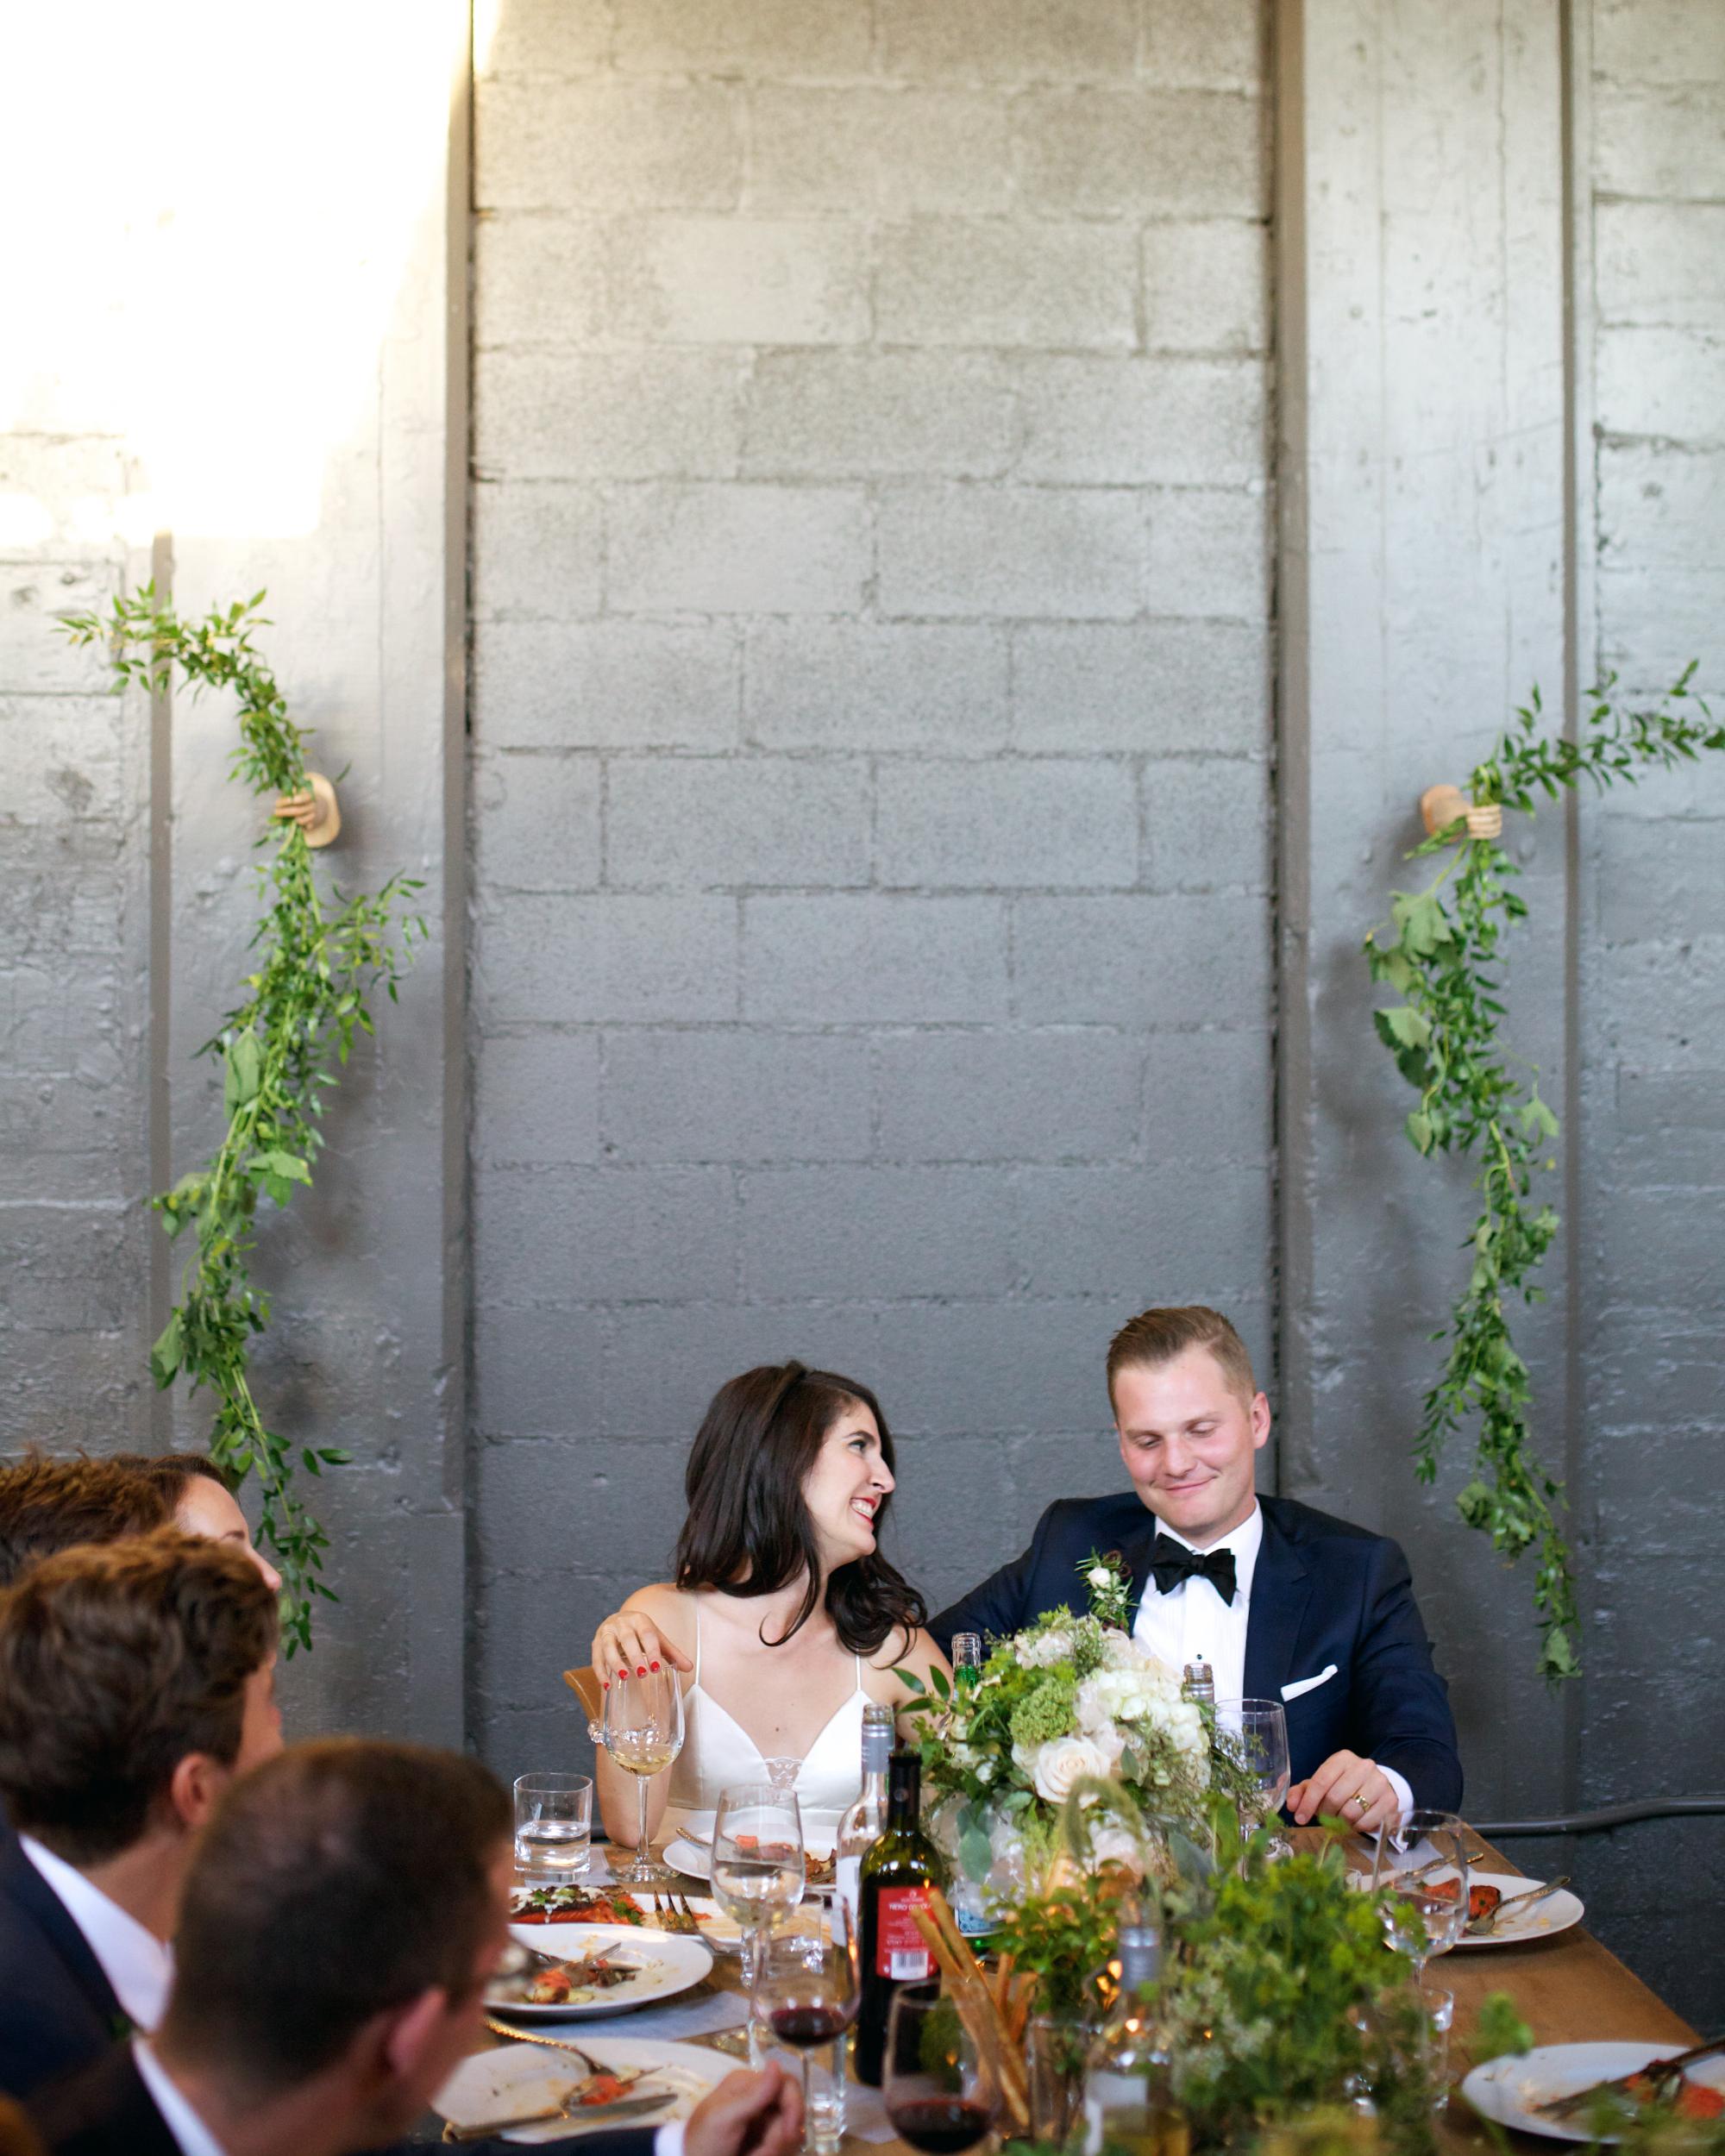 emily-brett-wedding-portrait5-0414.jpg